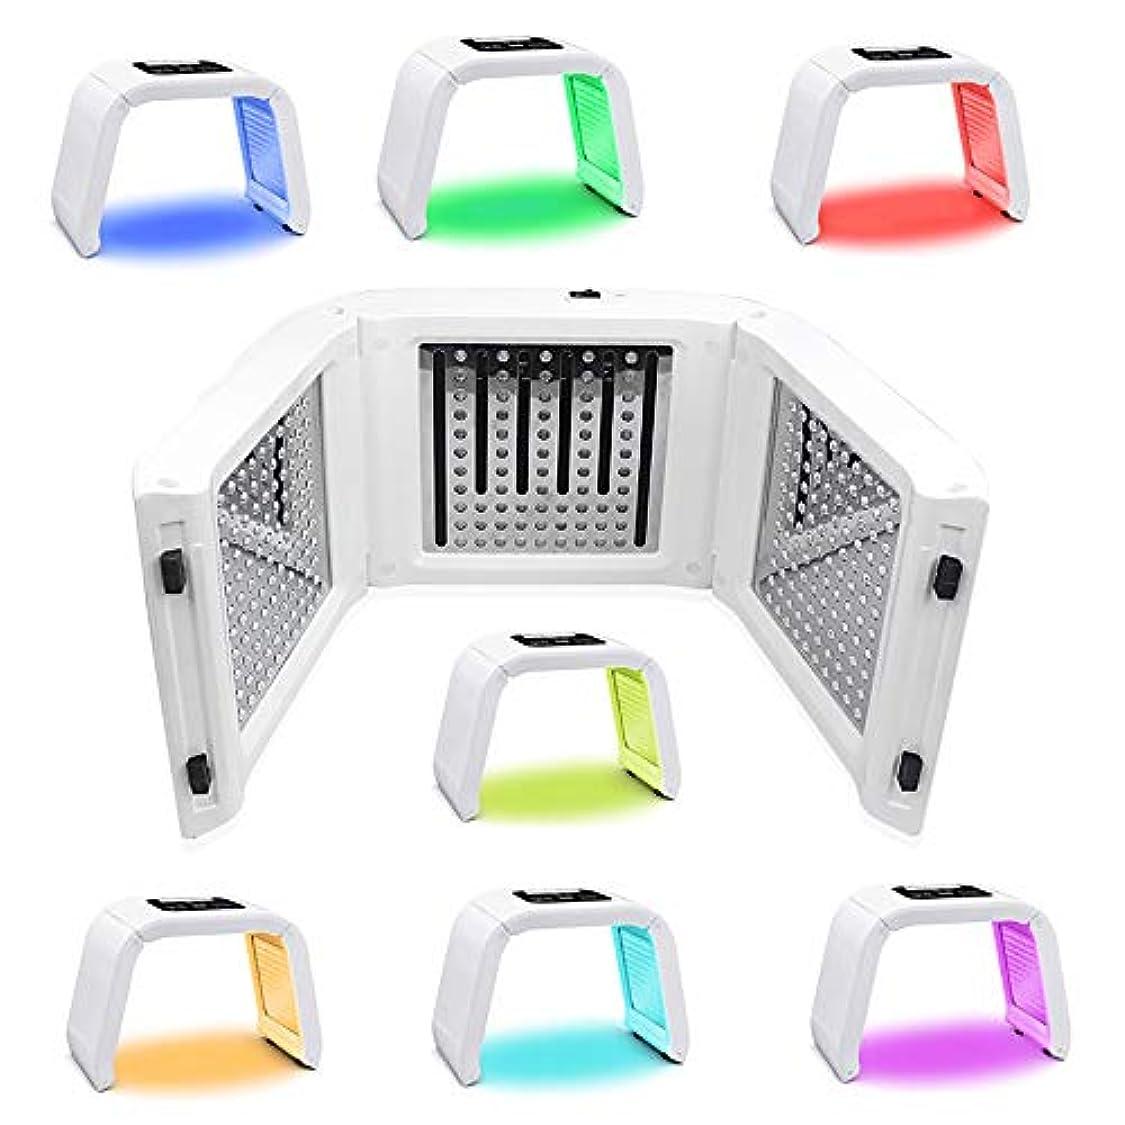 ドラマそれによって系譜7色LEDマスク光線療法美容機器光線力学マスク機器分光計肌の若返りデバイス,7